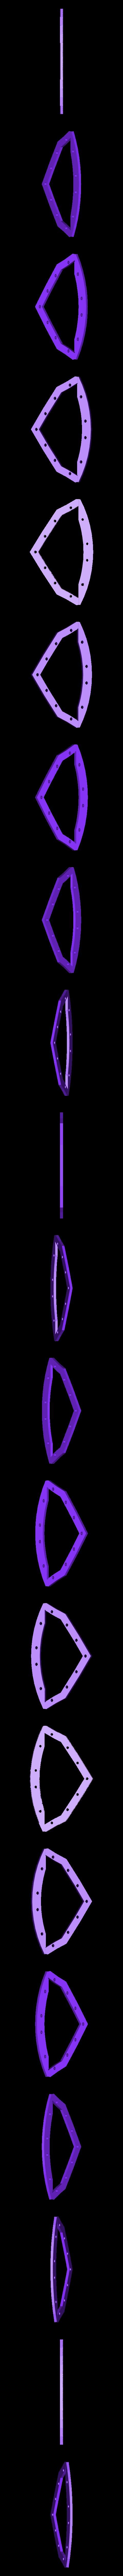 hull_gasket.stl Download free STL file 3DRC RC Jet Boat Prototype • 3D printable design, finhudson16